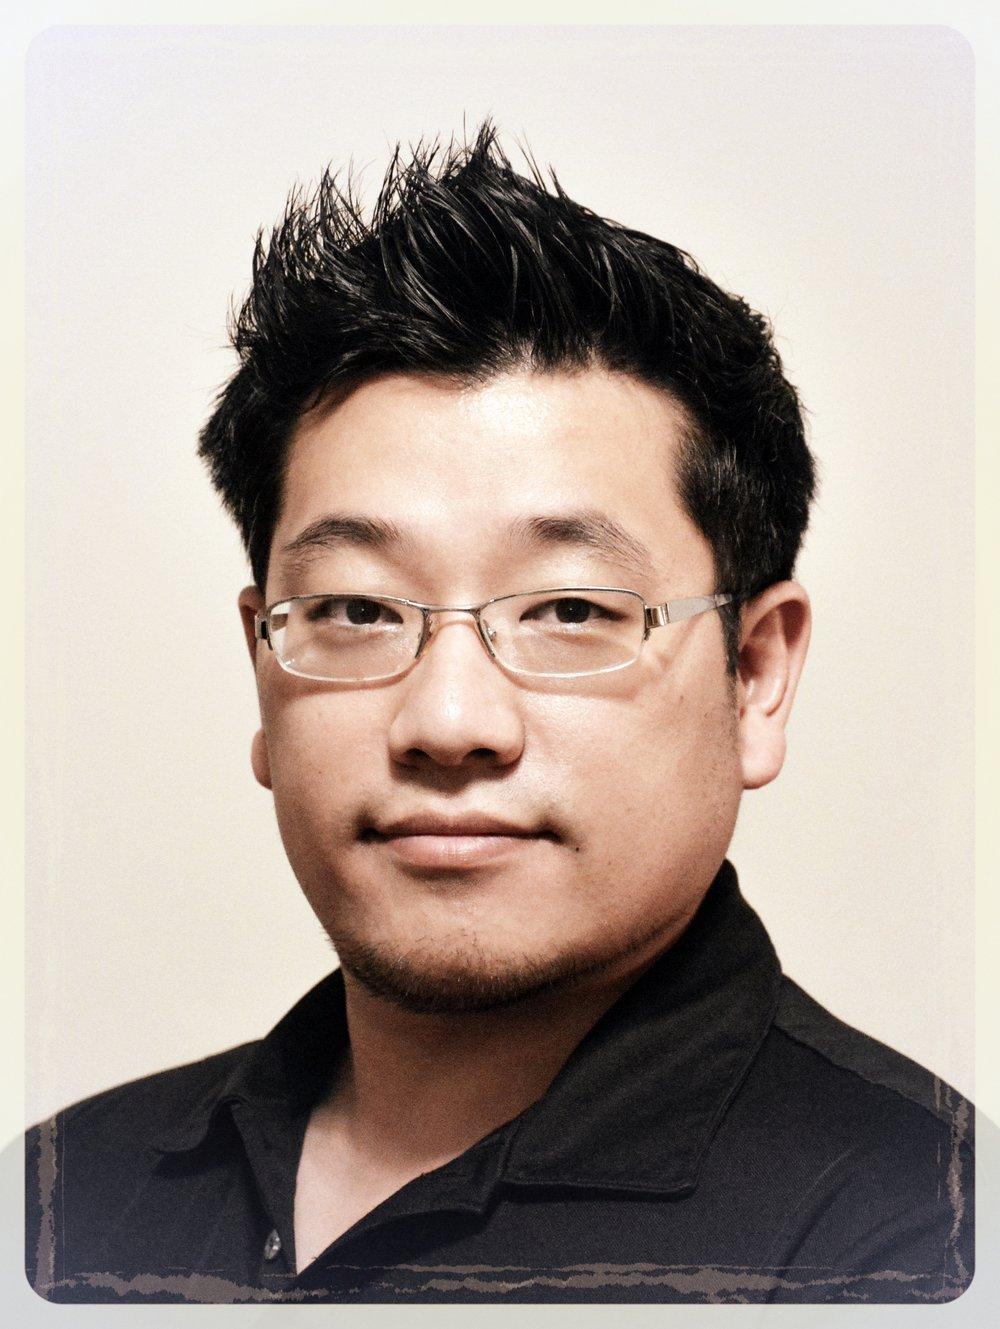 Tae Chin